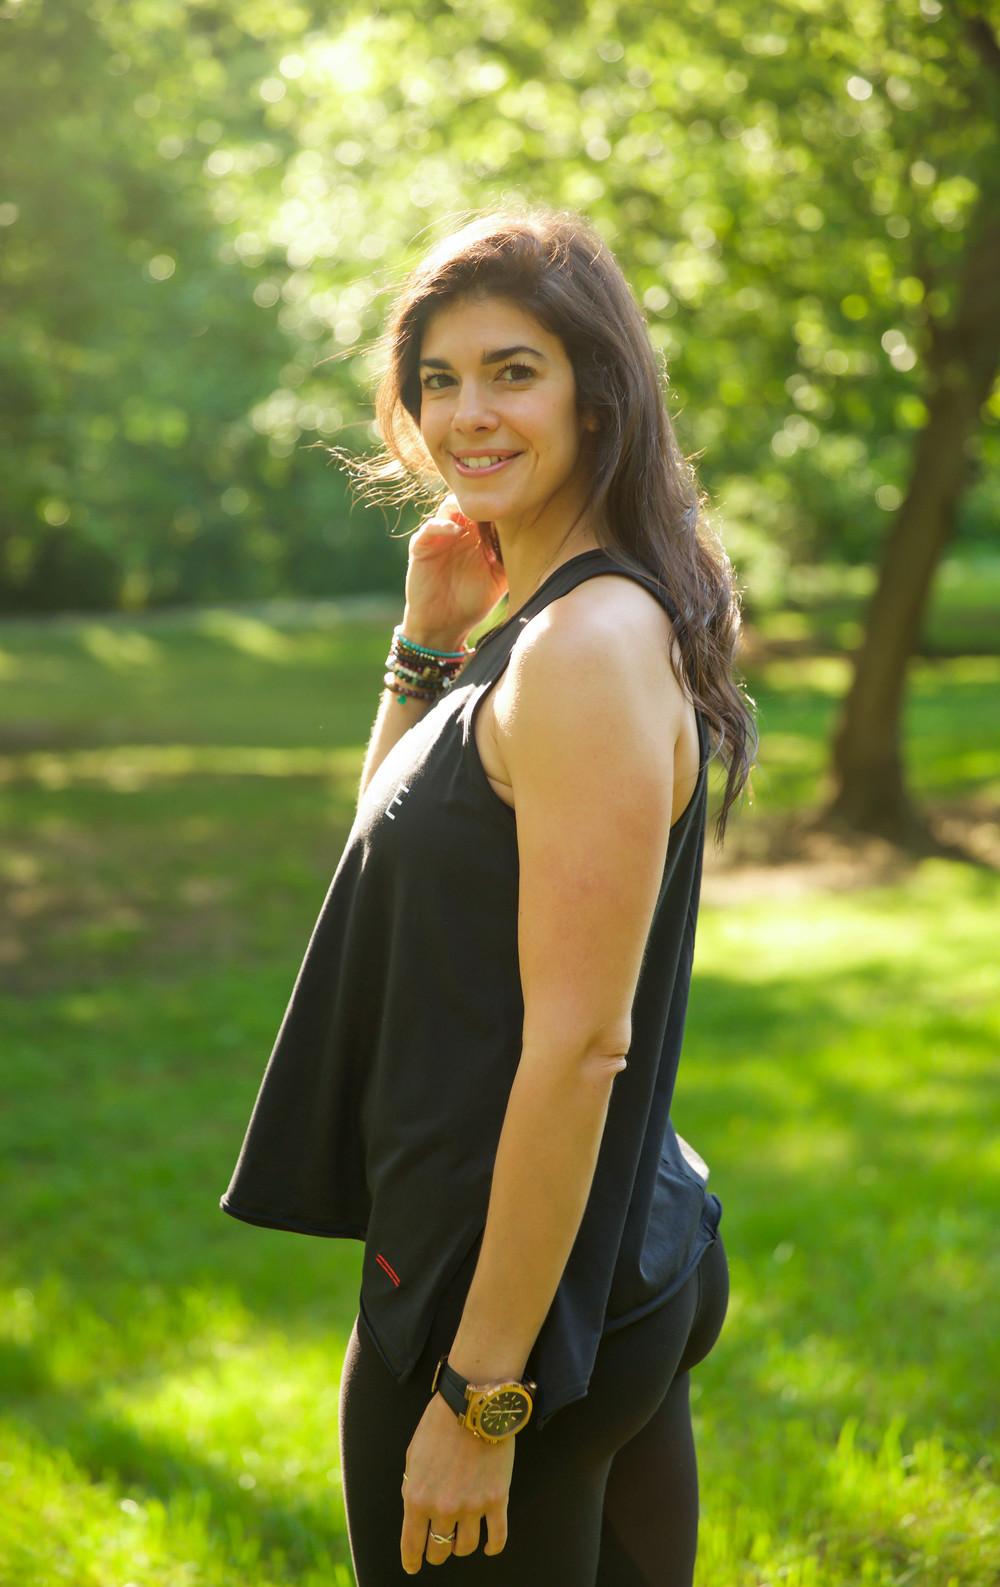 LaurenSchwaiger-Active-Life-Style-Blog-Athleisure.jpg